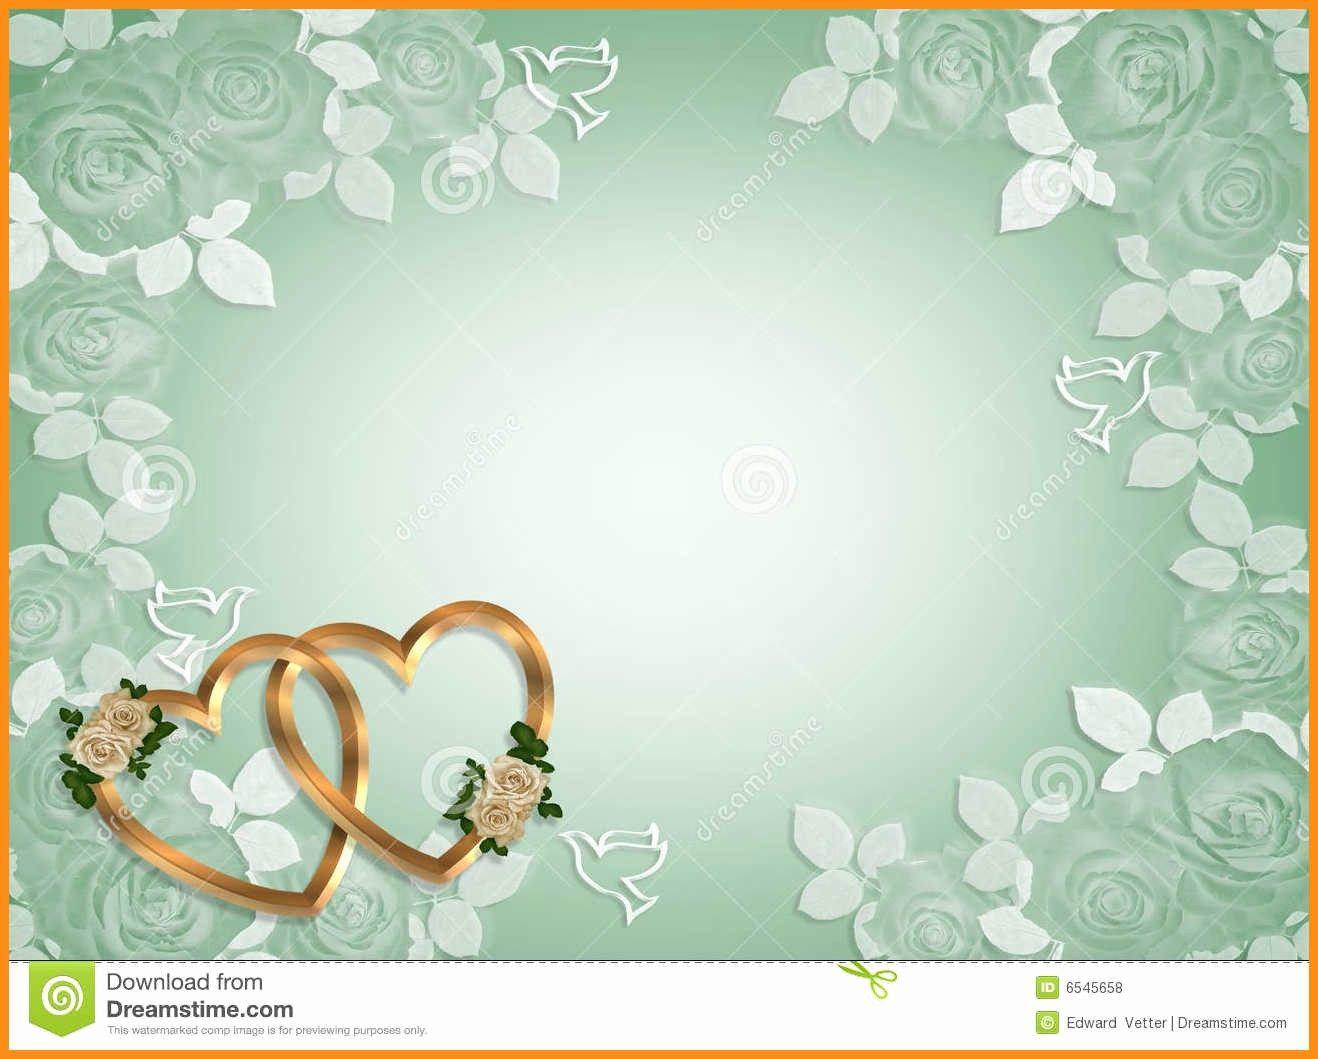 Invitation Cards Template Free Download Unique 11 Invitation Card Te In 2020 Blank Wedding Invitation Templates Wedding Invitation Background Blank Wedding Invitations